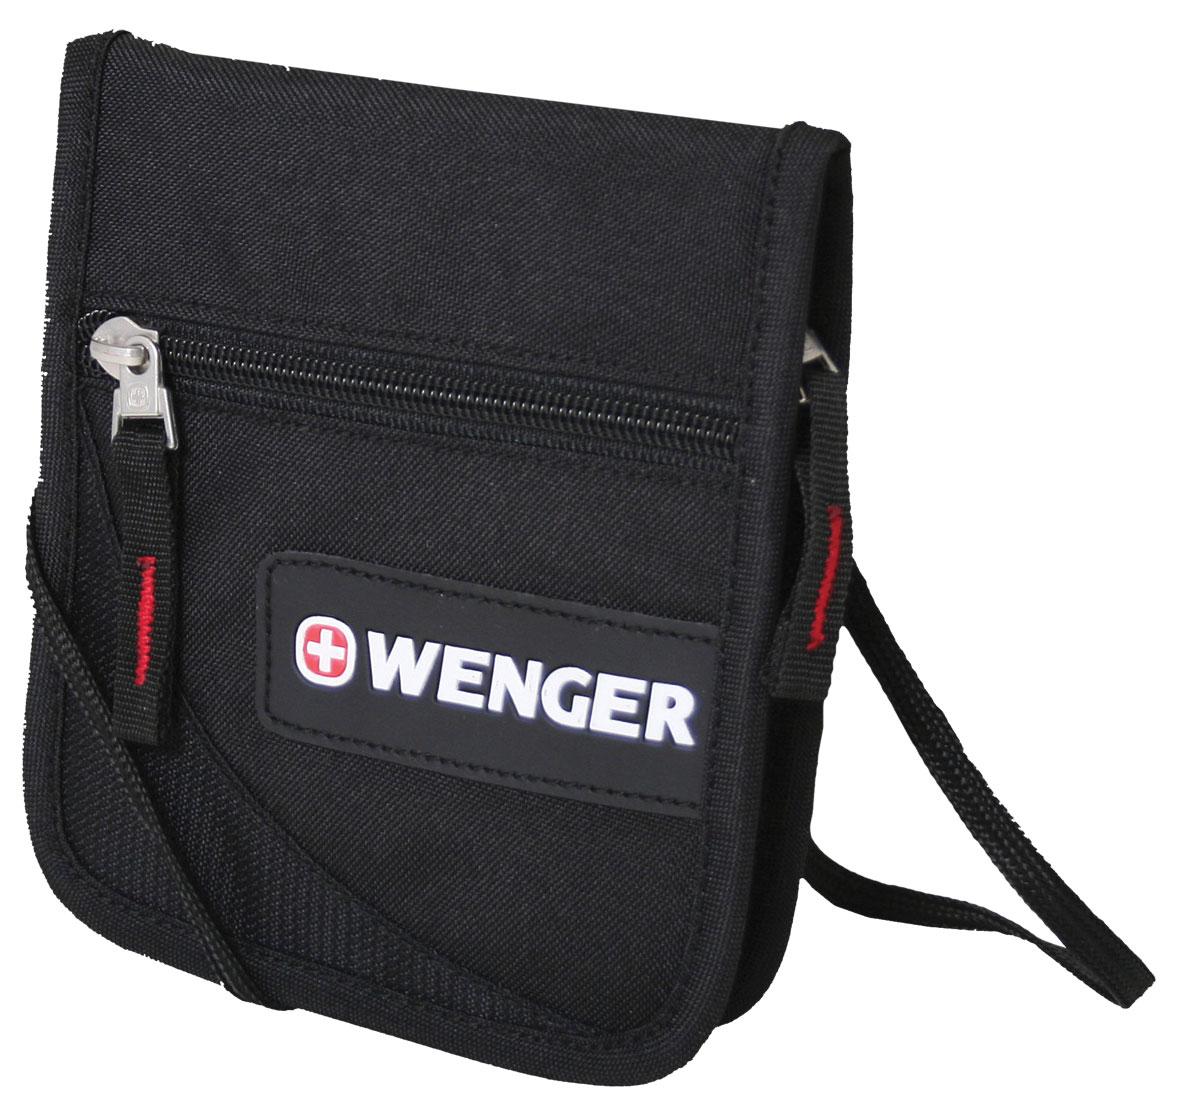 Кошелёк на шею WENGER, черный, полиэстер 600D, 14х2х16 см - Несессеры и кошельки